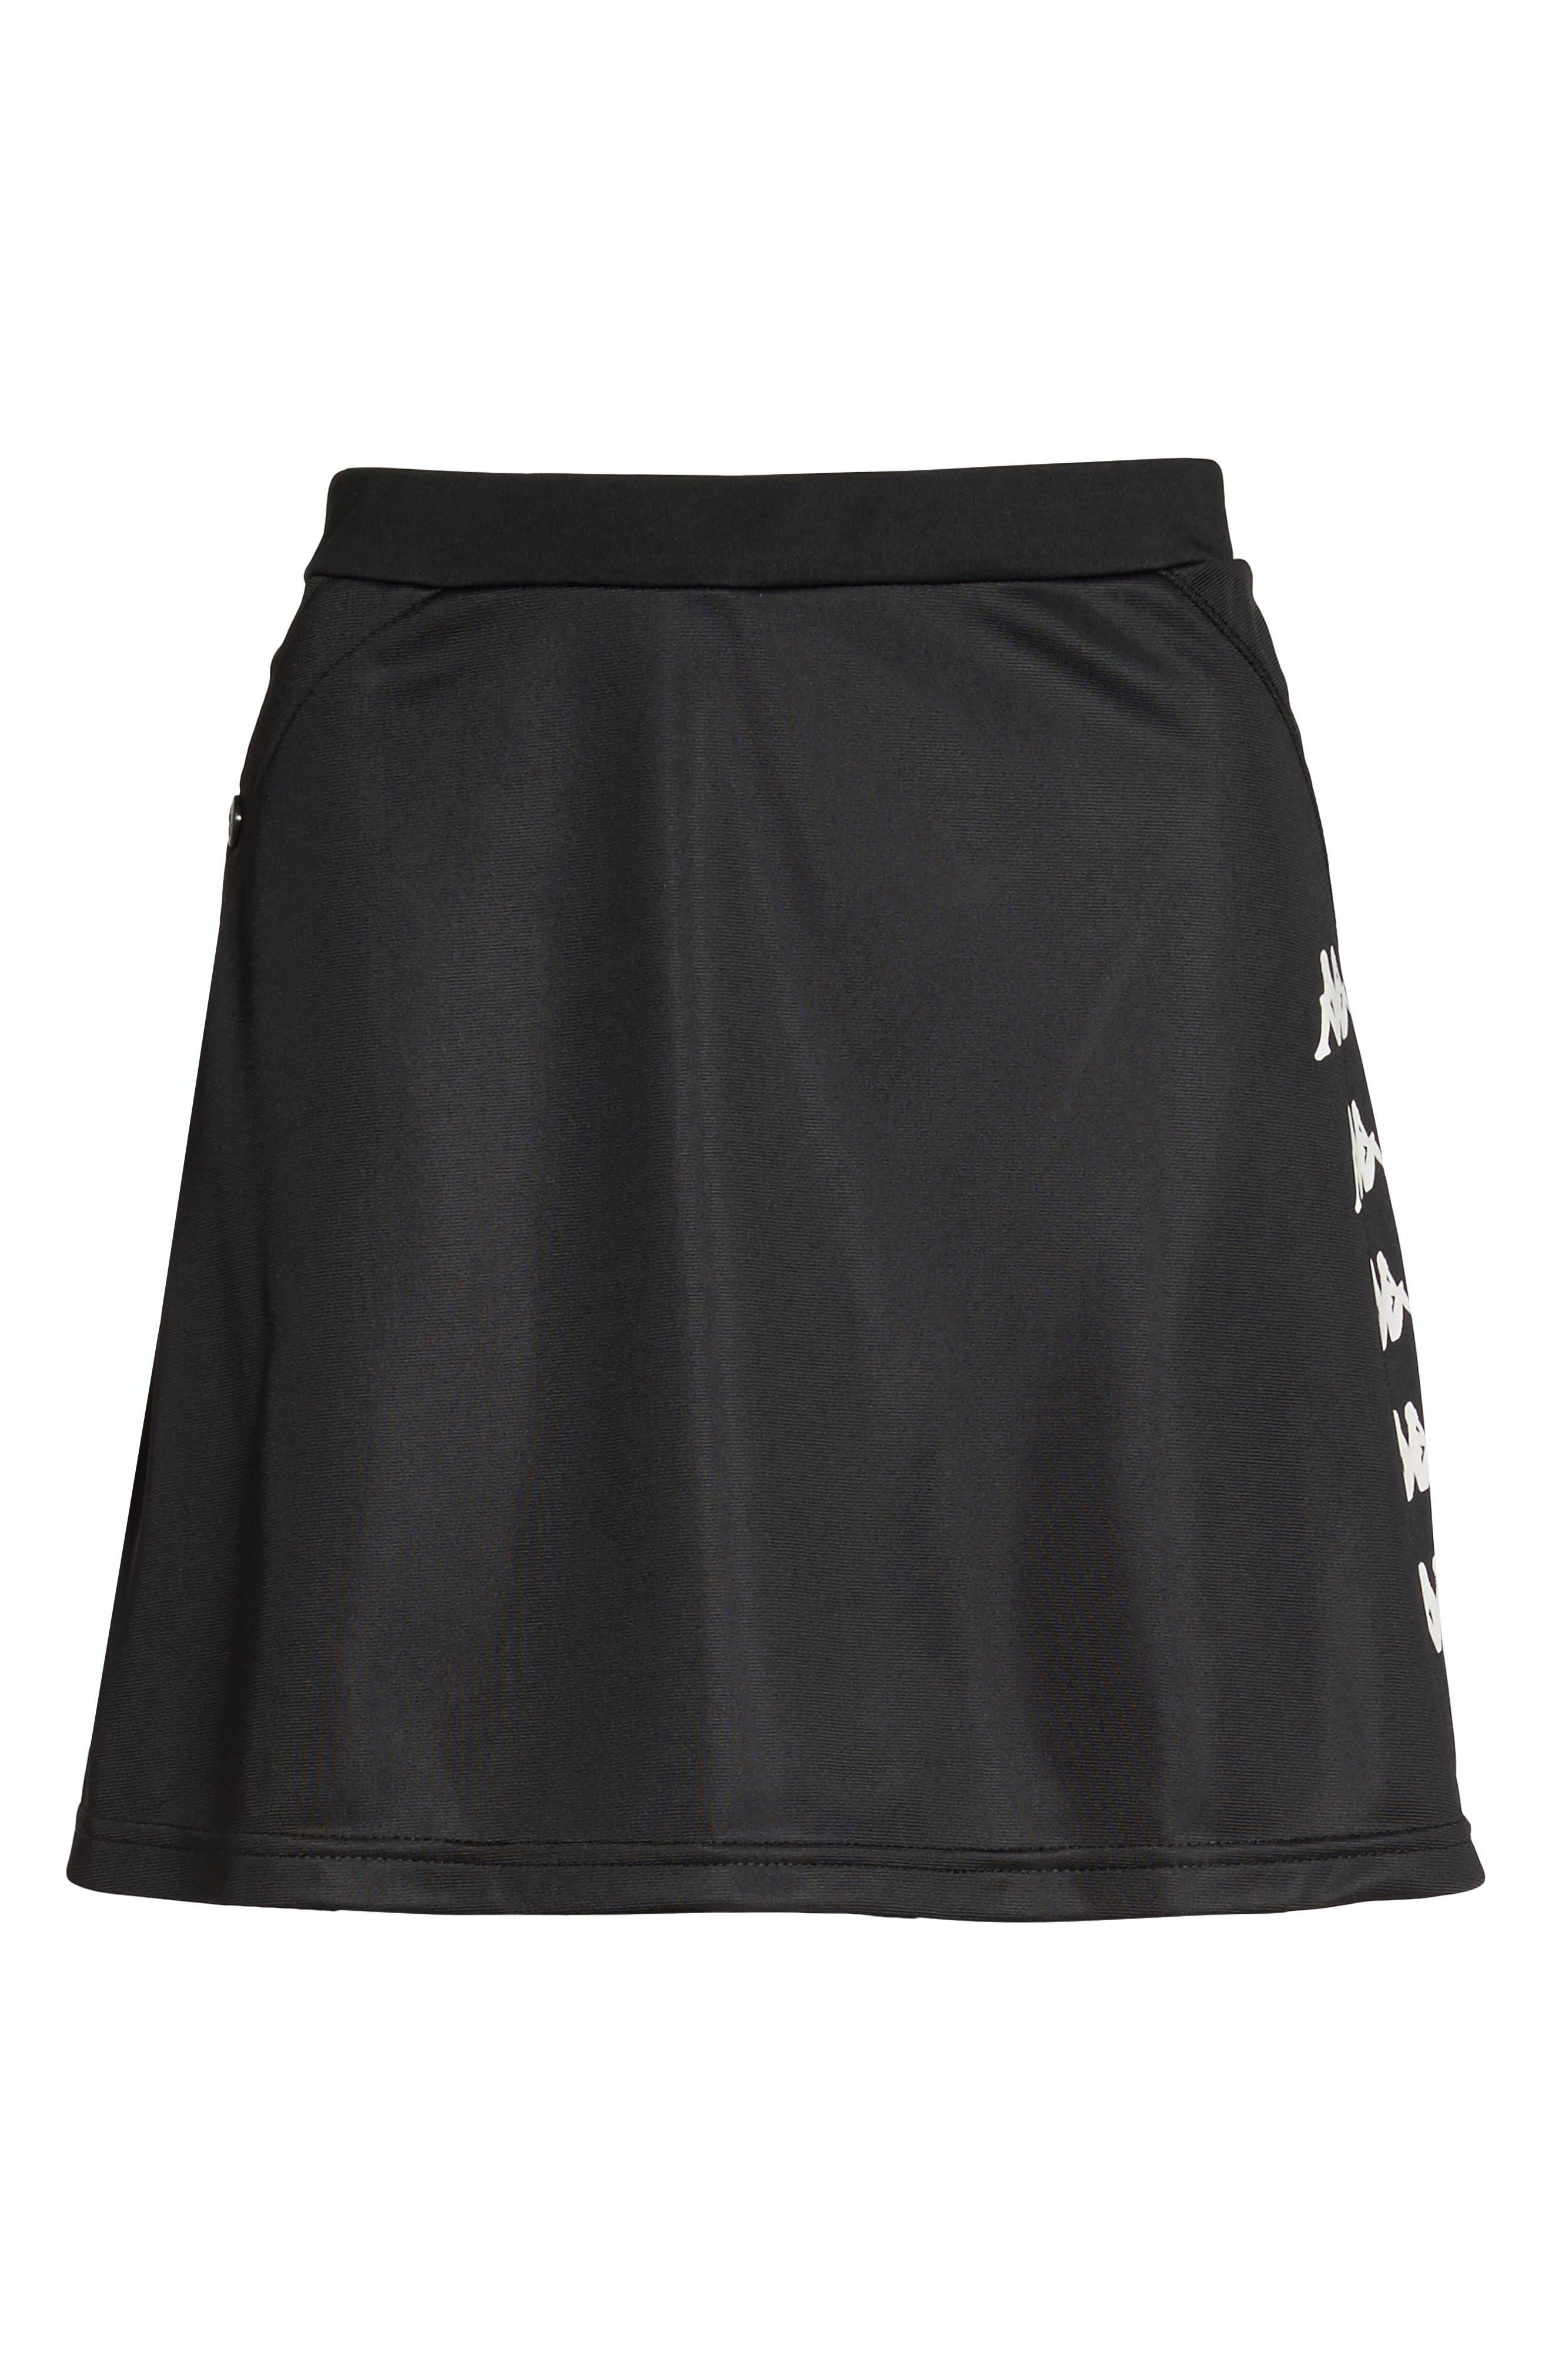 Authentic Piqué Skirt,                             Alternate thumbnail 7, color,                             001